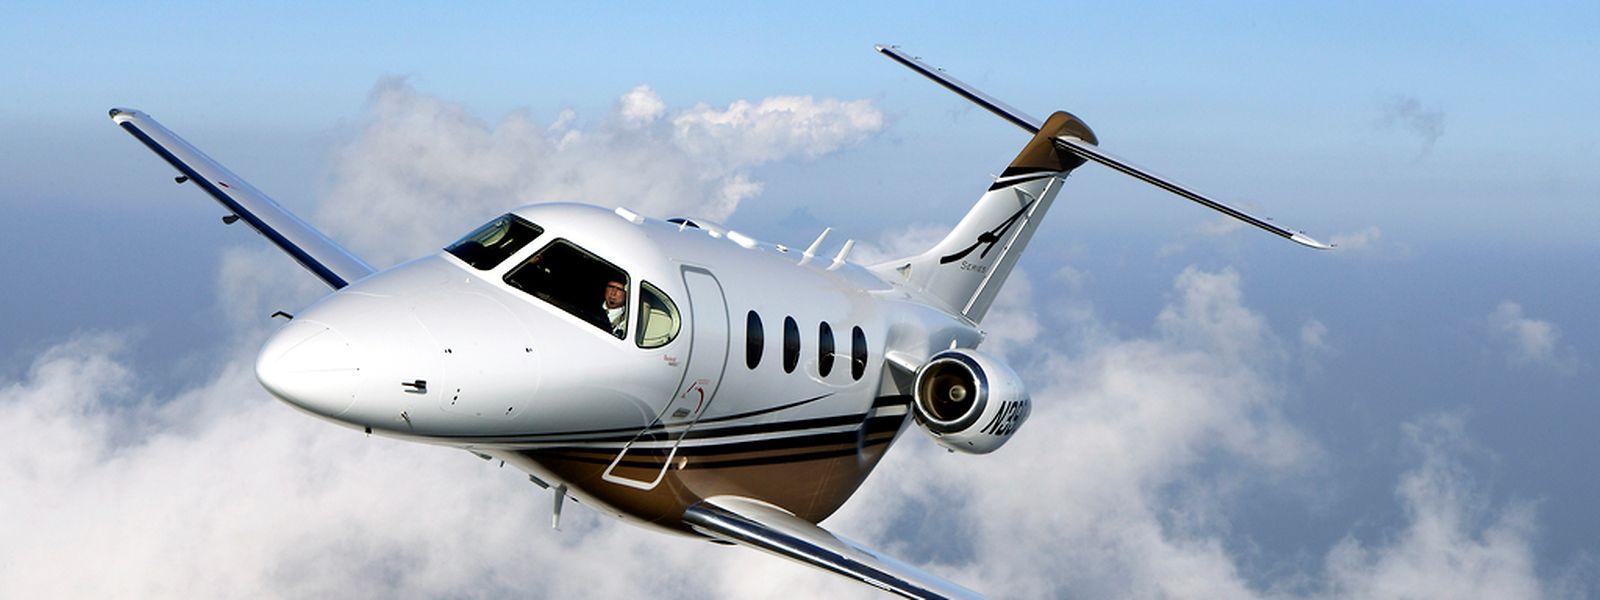 Jede zweite Geschäftsreise von luxemburgischen Einwohnern erfolgt per Flugzeug.